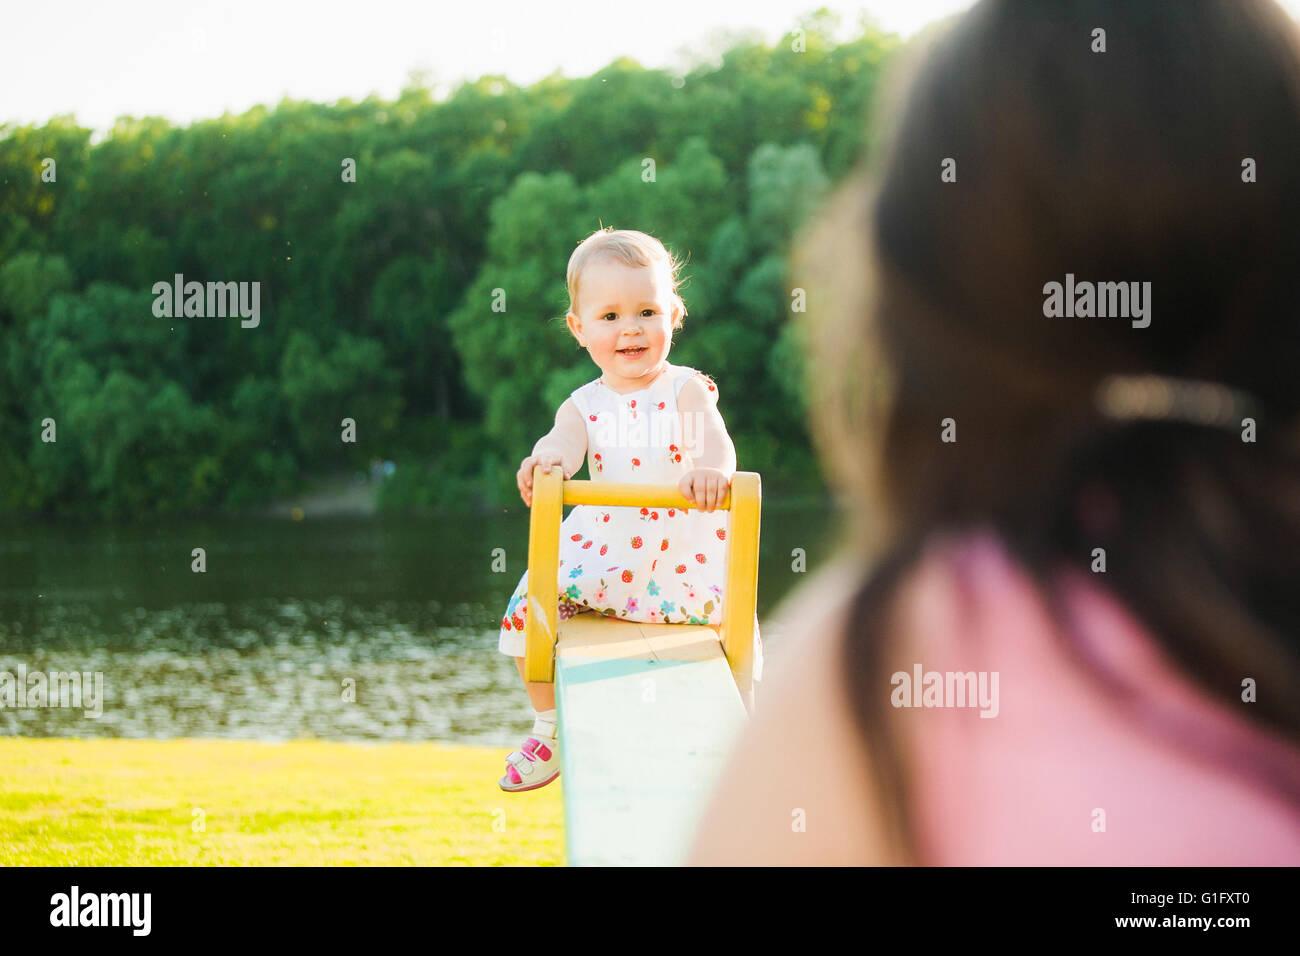 Niña disfruta montando swing con mamá por la bella naturaleza de fondo. Bebé feliz jugando con los padres fuera Foto de stock